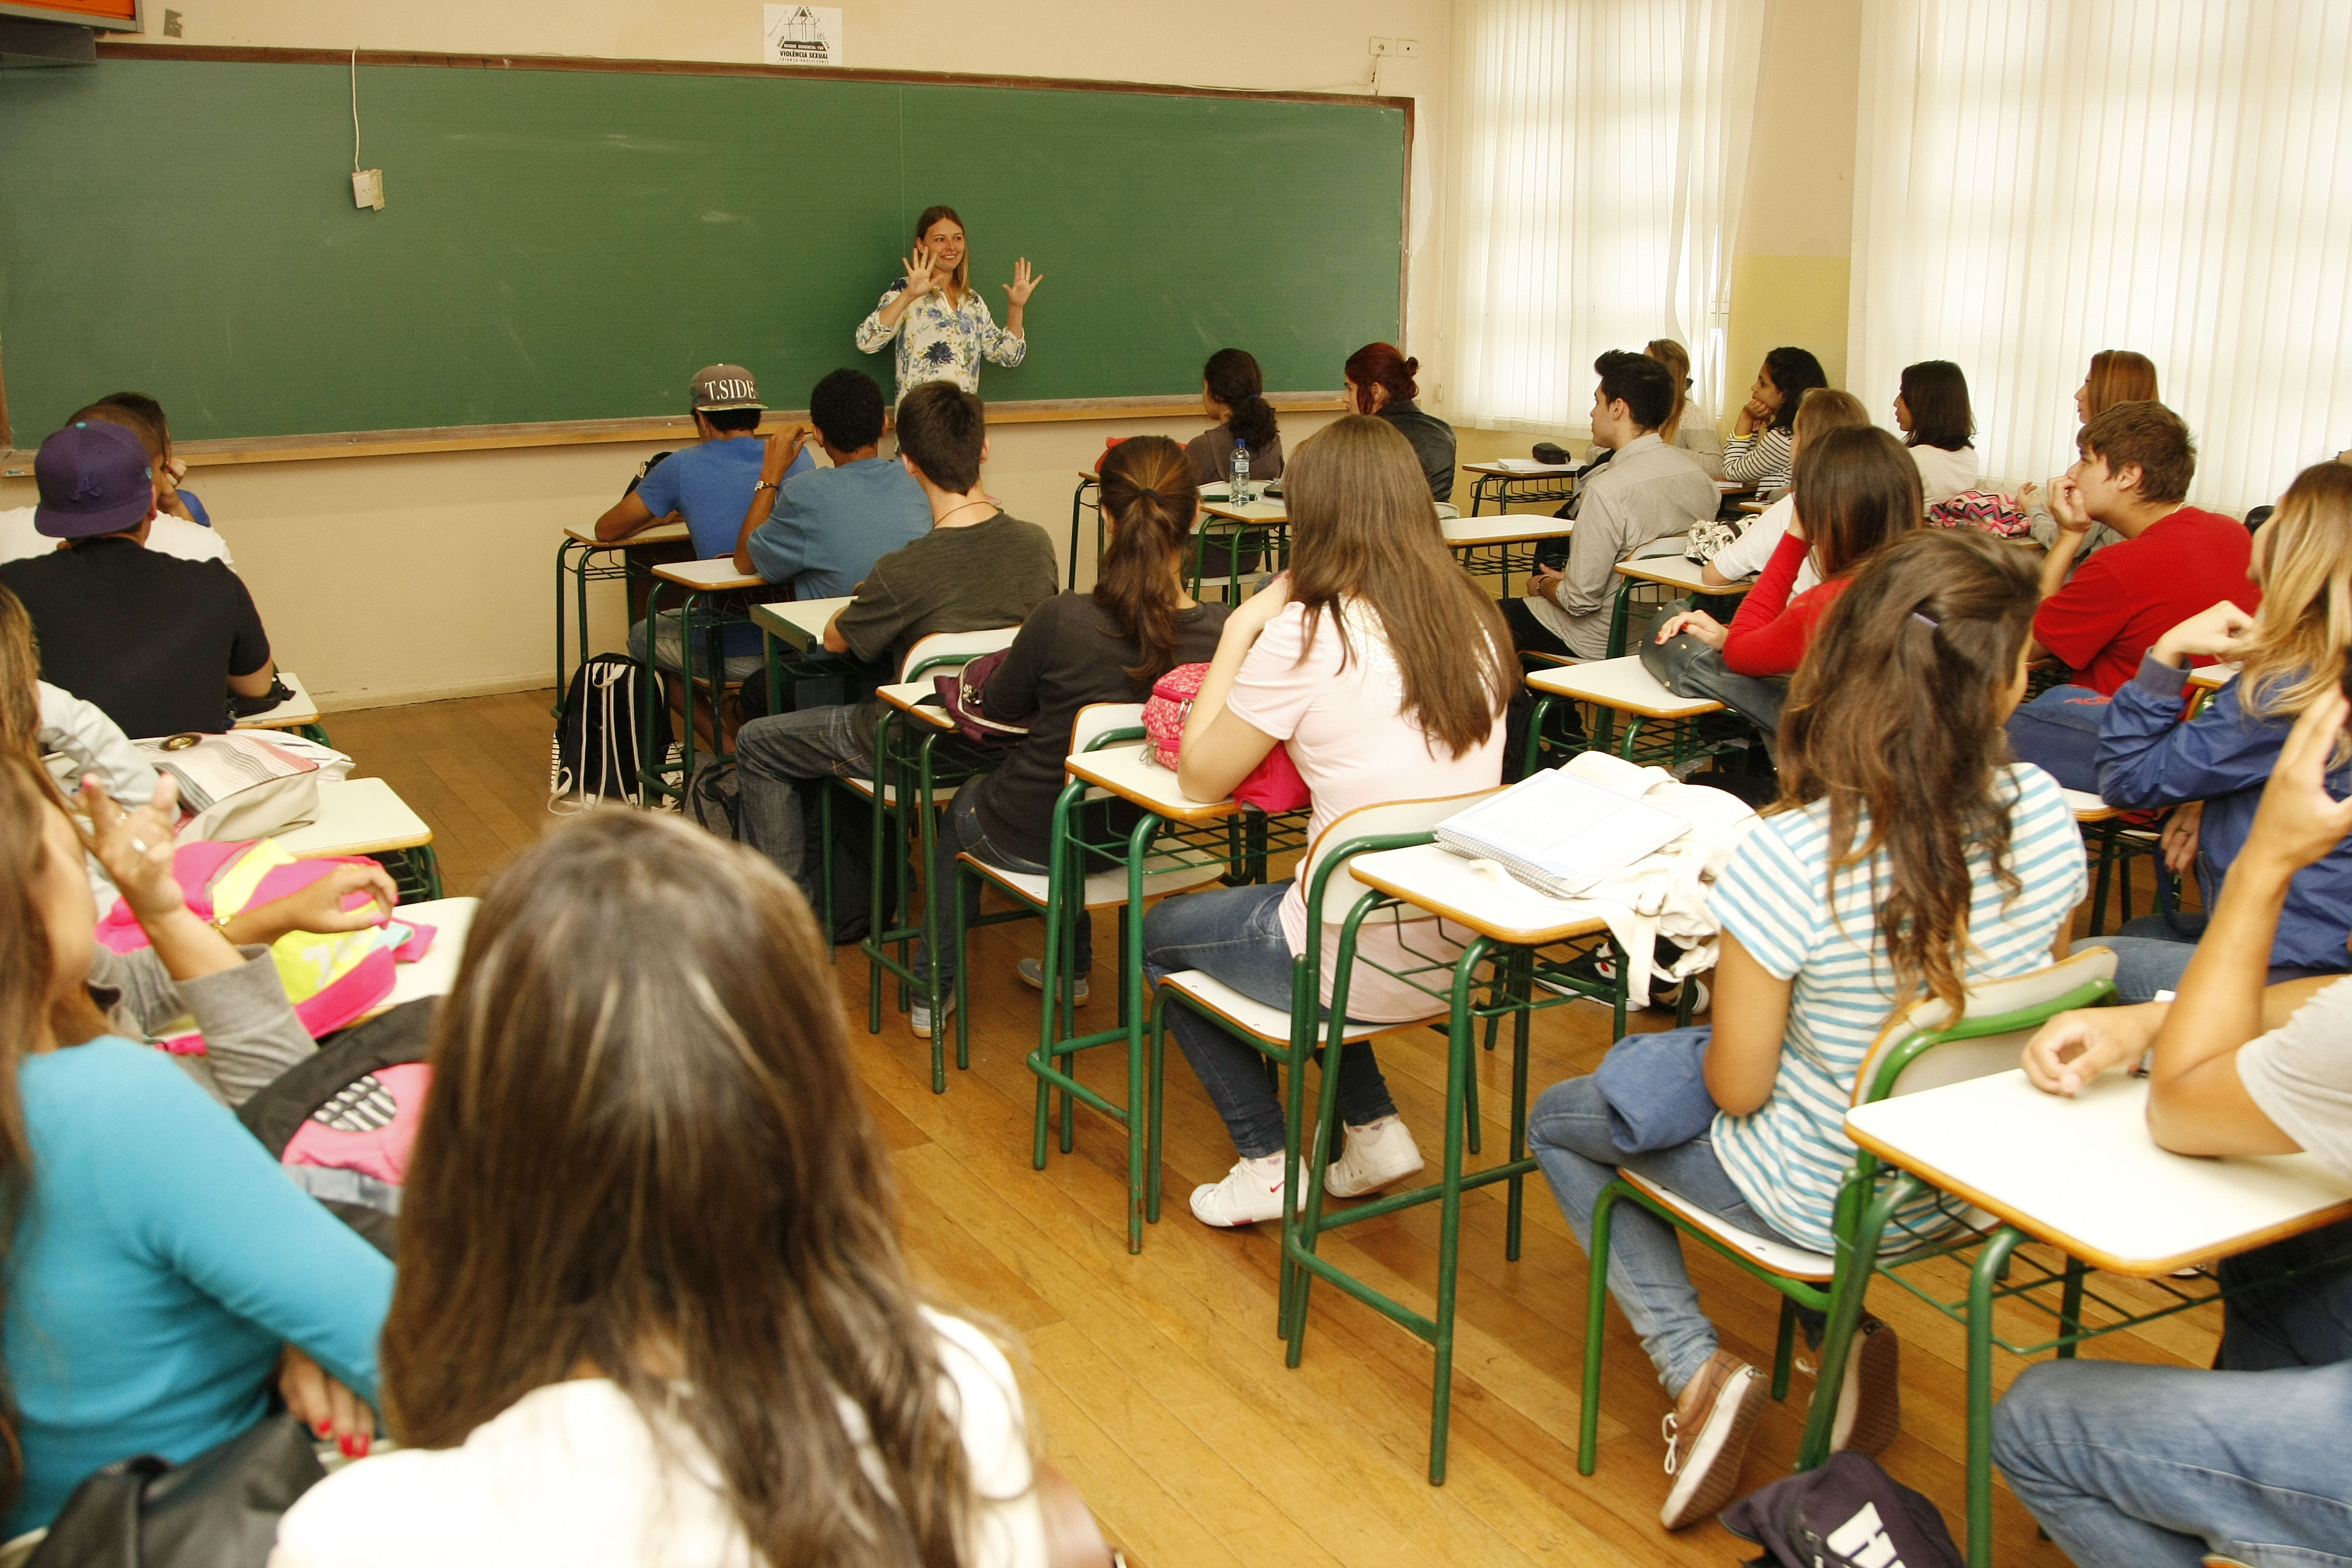 Rede estadual de ensino Foto: Hedeson Alves/SEED